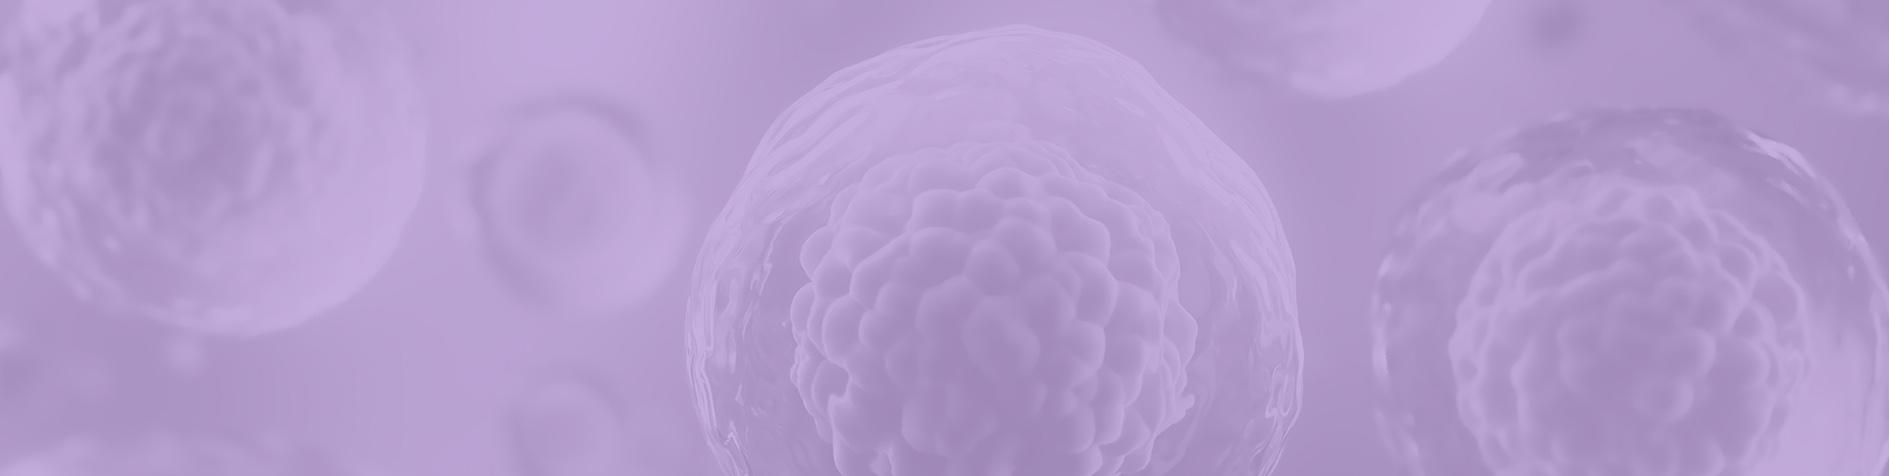 Vitrificación de embriones